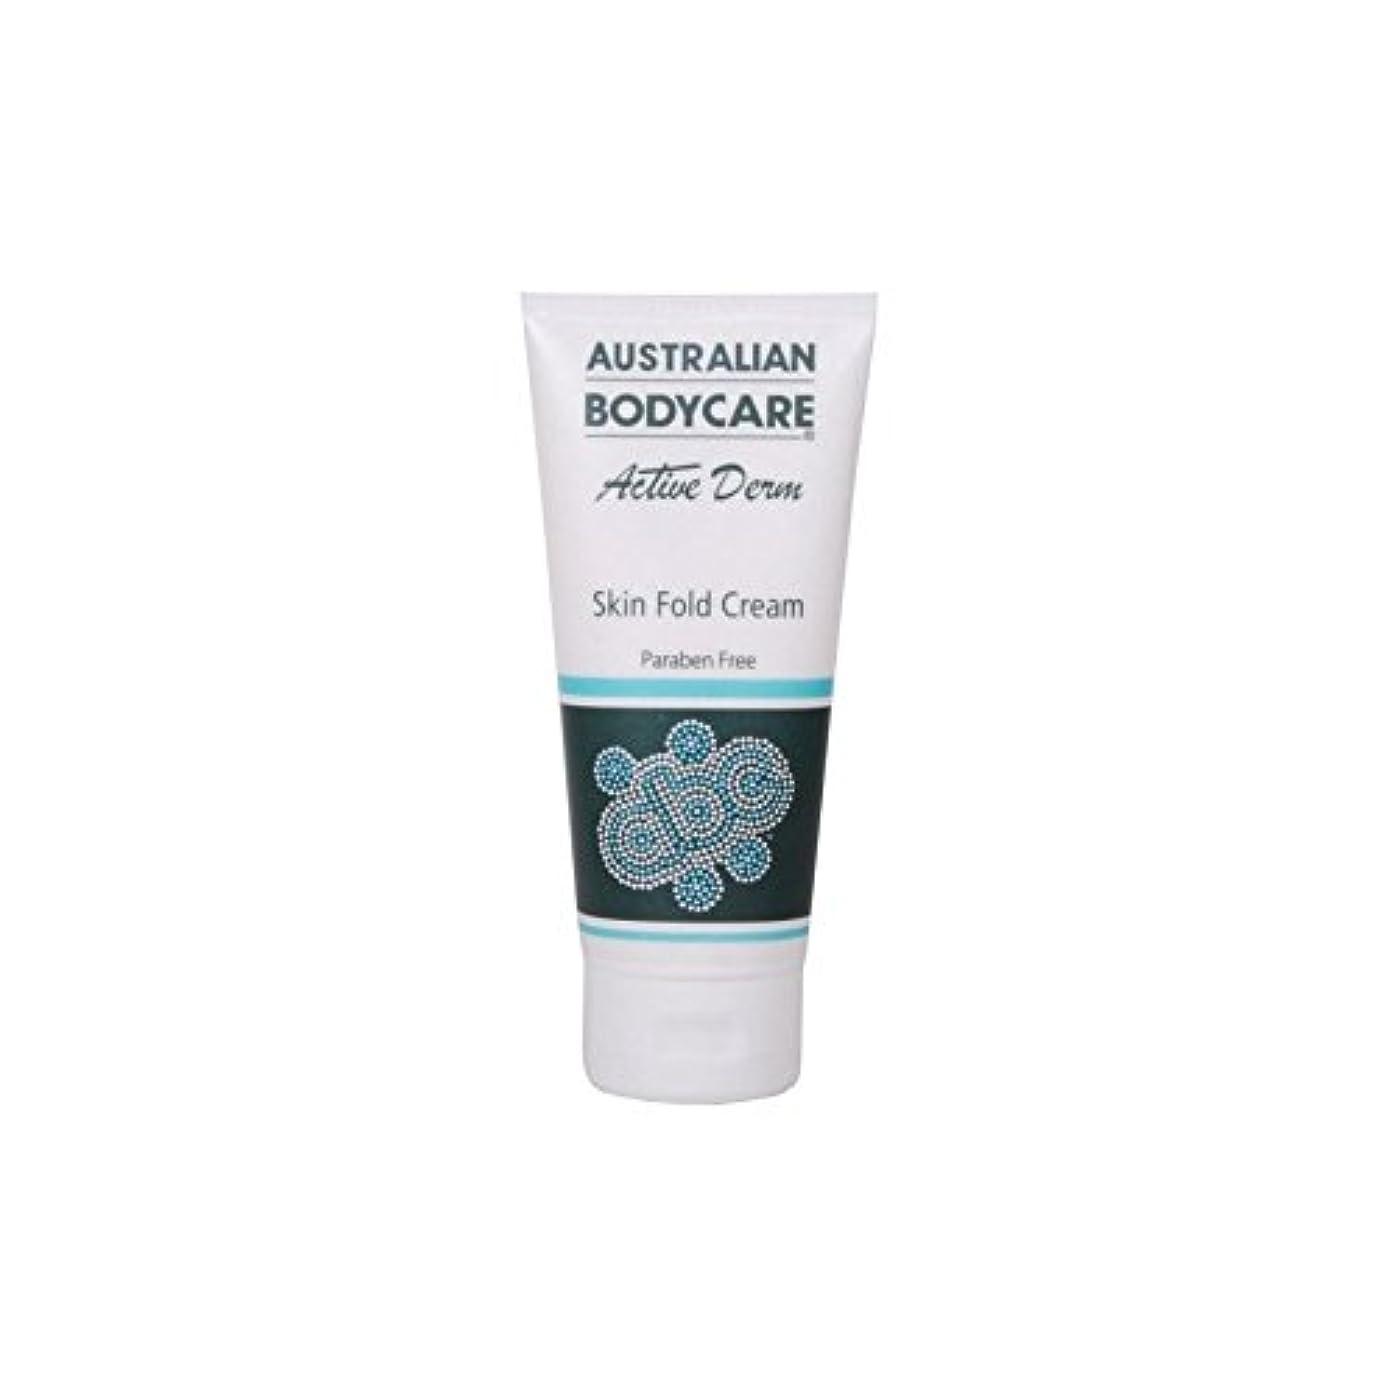 のため工夫する奨励しますオーストラリアのボディケアアクティブダーム皮膚のひだクリーム(100ミリリットル) x2 - Australian Bodycare Active Derm Skin Fold Cream (100ml) (Pack of 2) [並行輸入品]